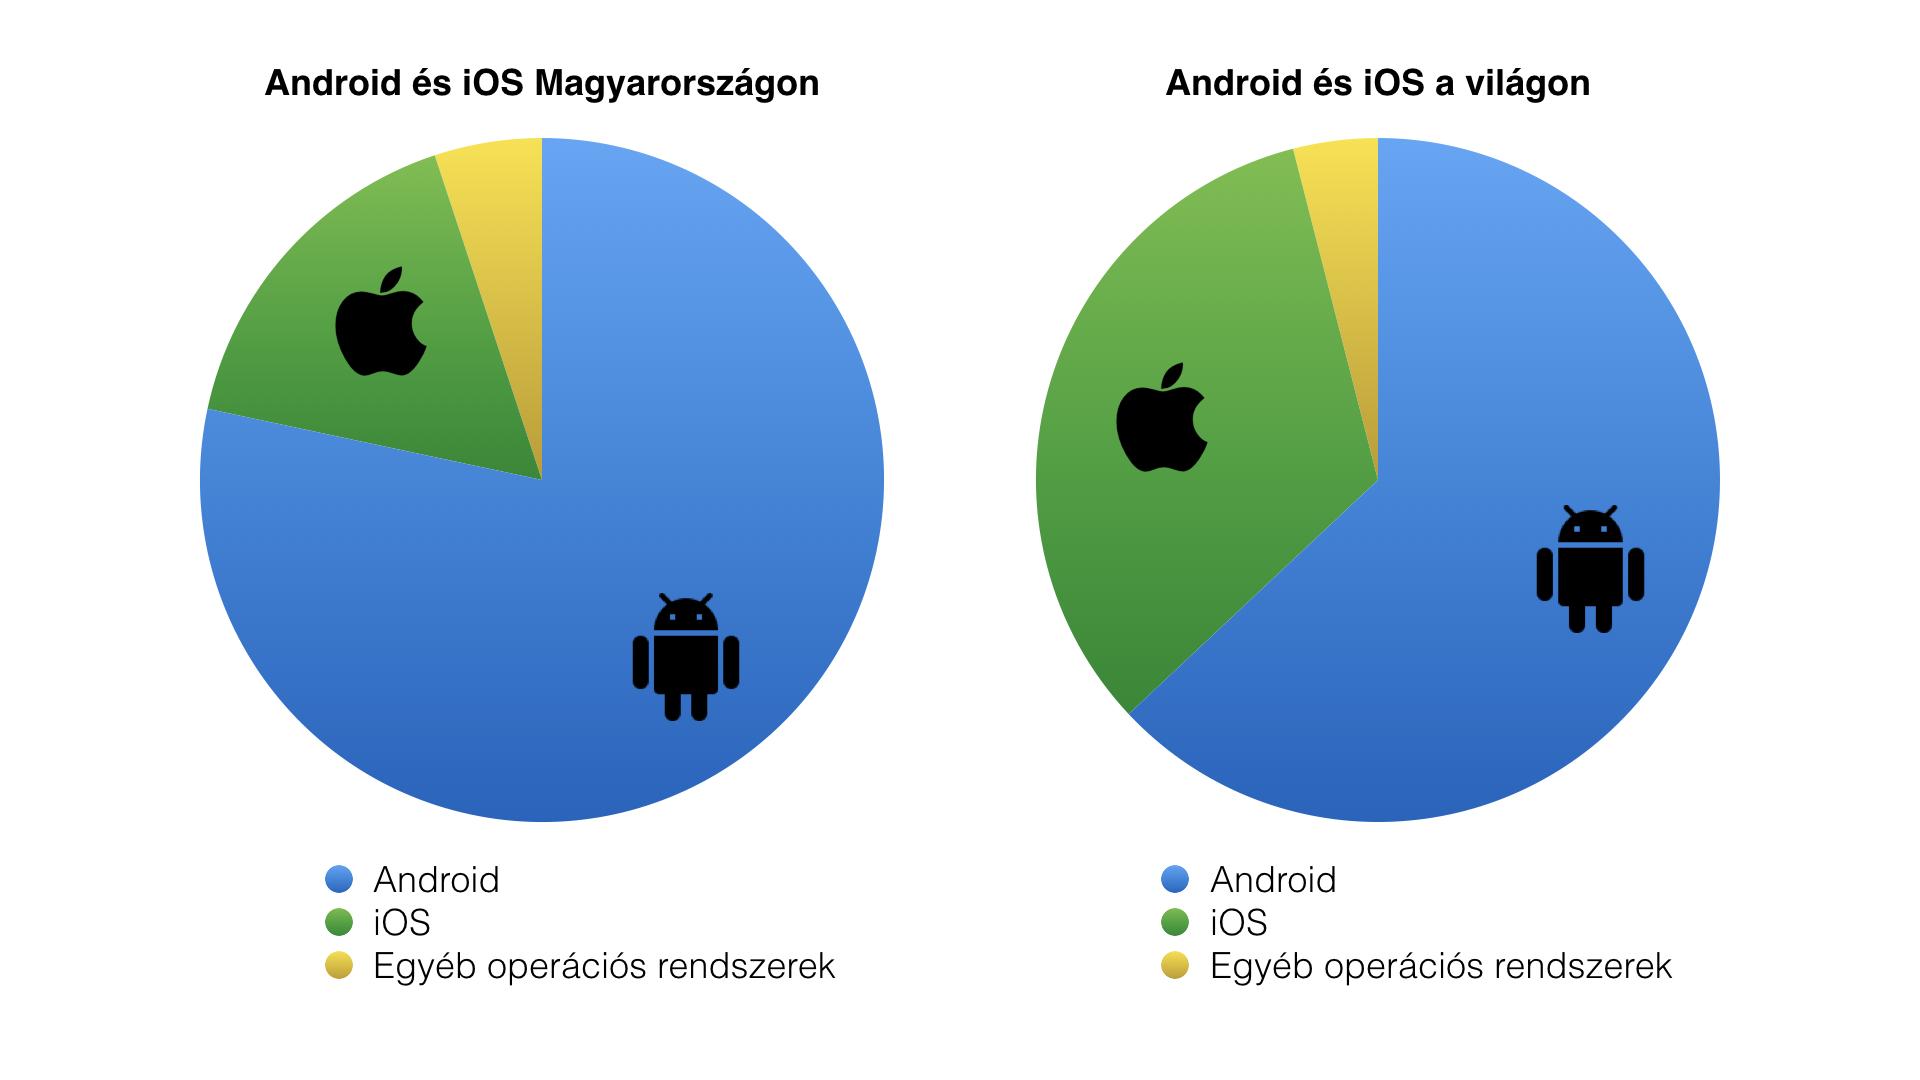 operacios_rendszerek_eloszlasa_magyarorszagon_mindtech_apps